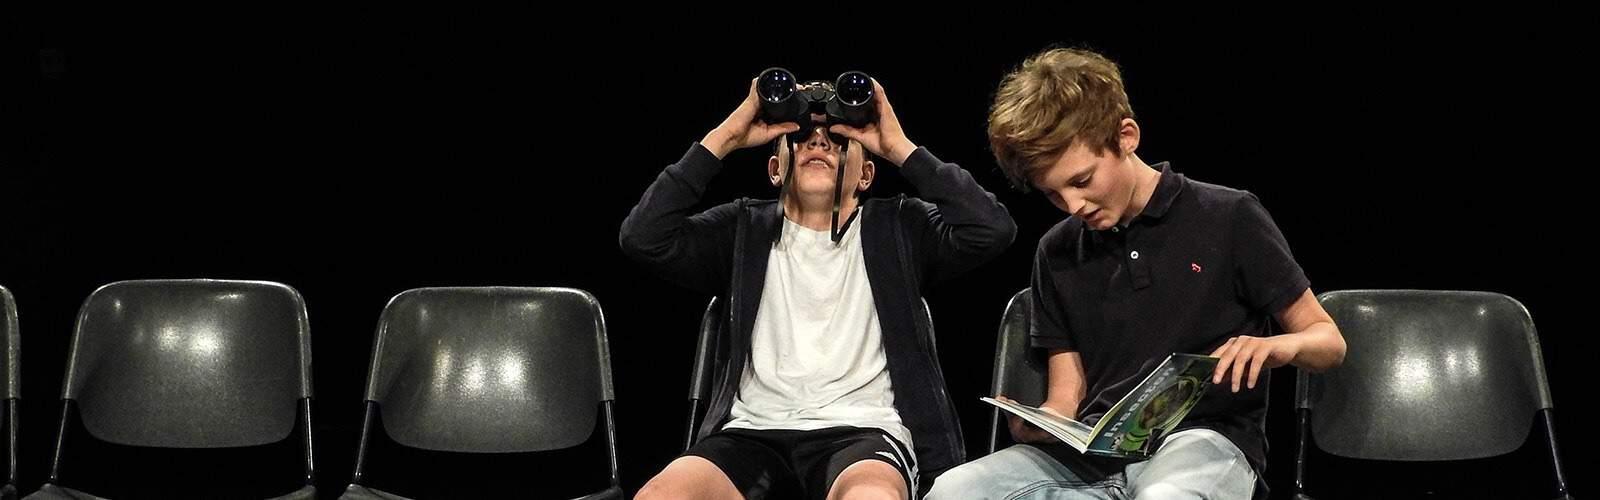 Opleidingsprogramma Lesgroepen De Noorderlingen vooropleiding theater en theaterhuis voor jong talent